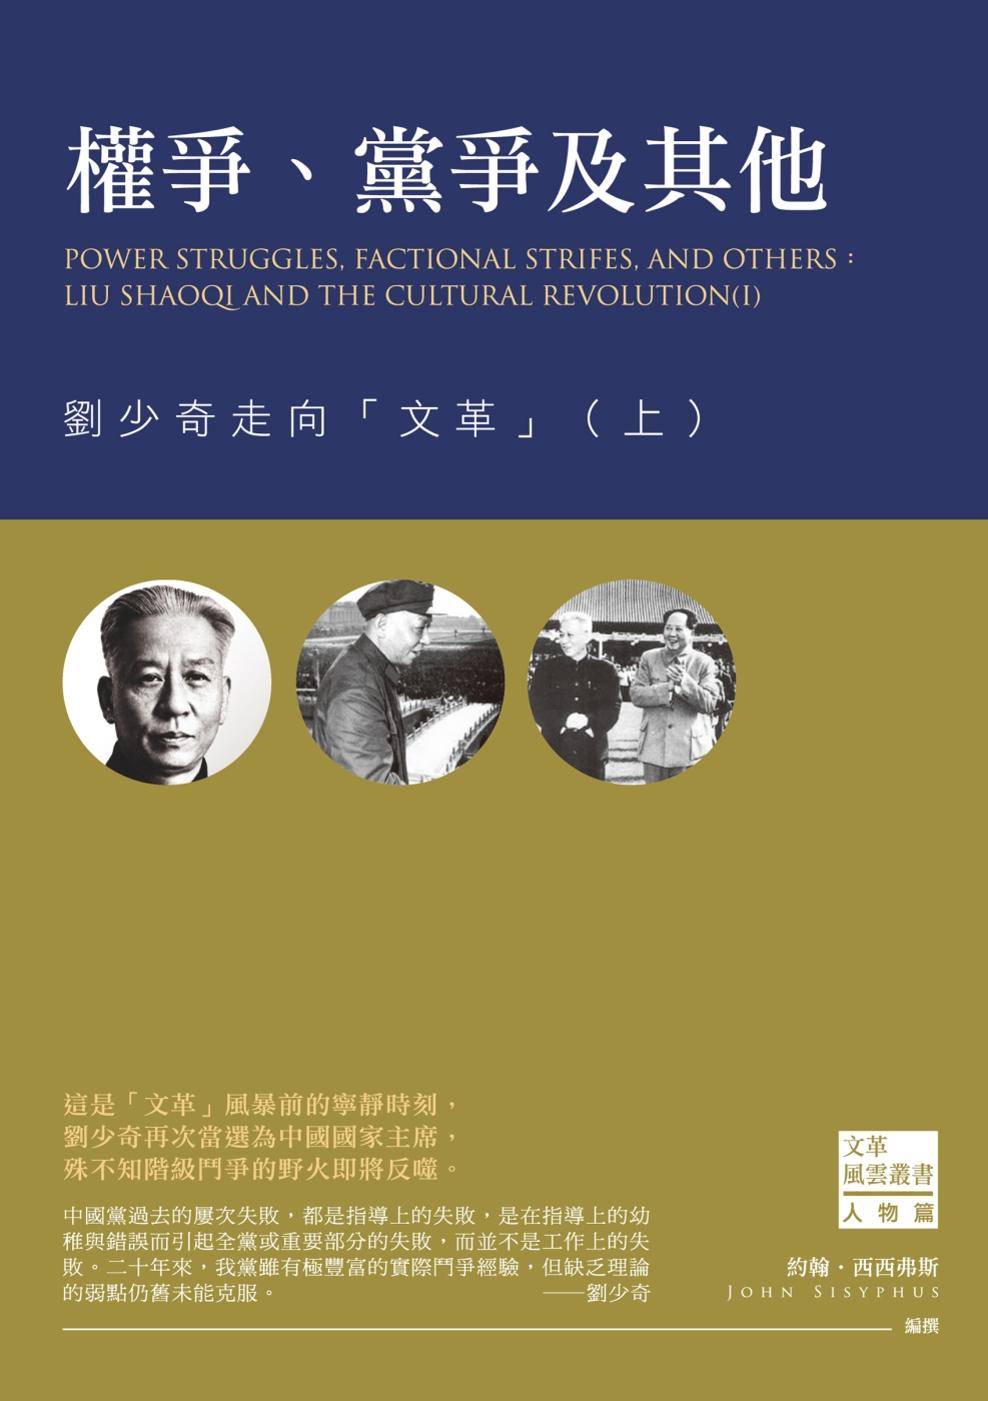 權爭、黨爭及 :劉少奇走向~文革~^(上^)